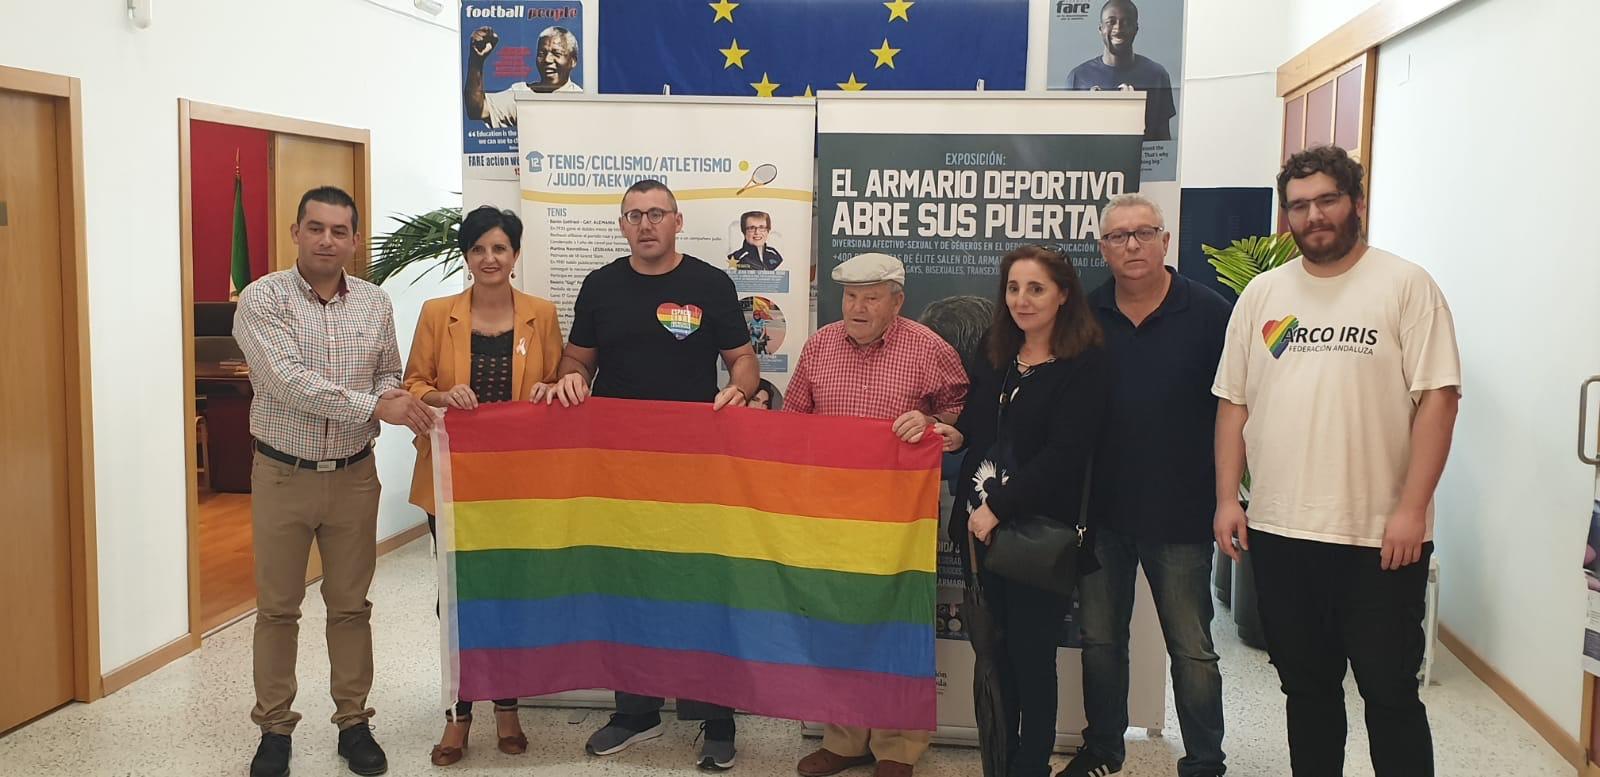 Purullena acoge una exposición sobre la diversidad sexual en el deporte